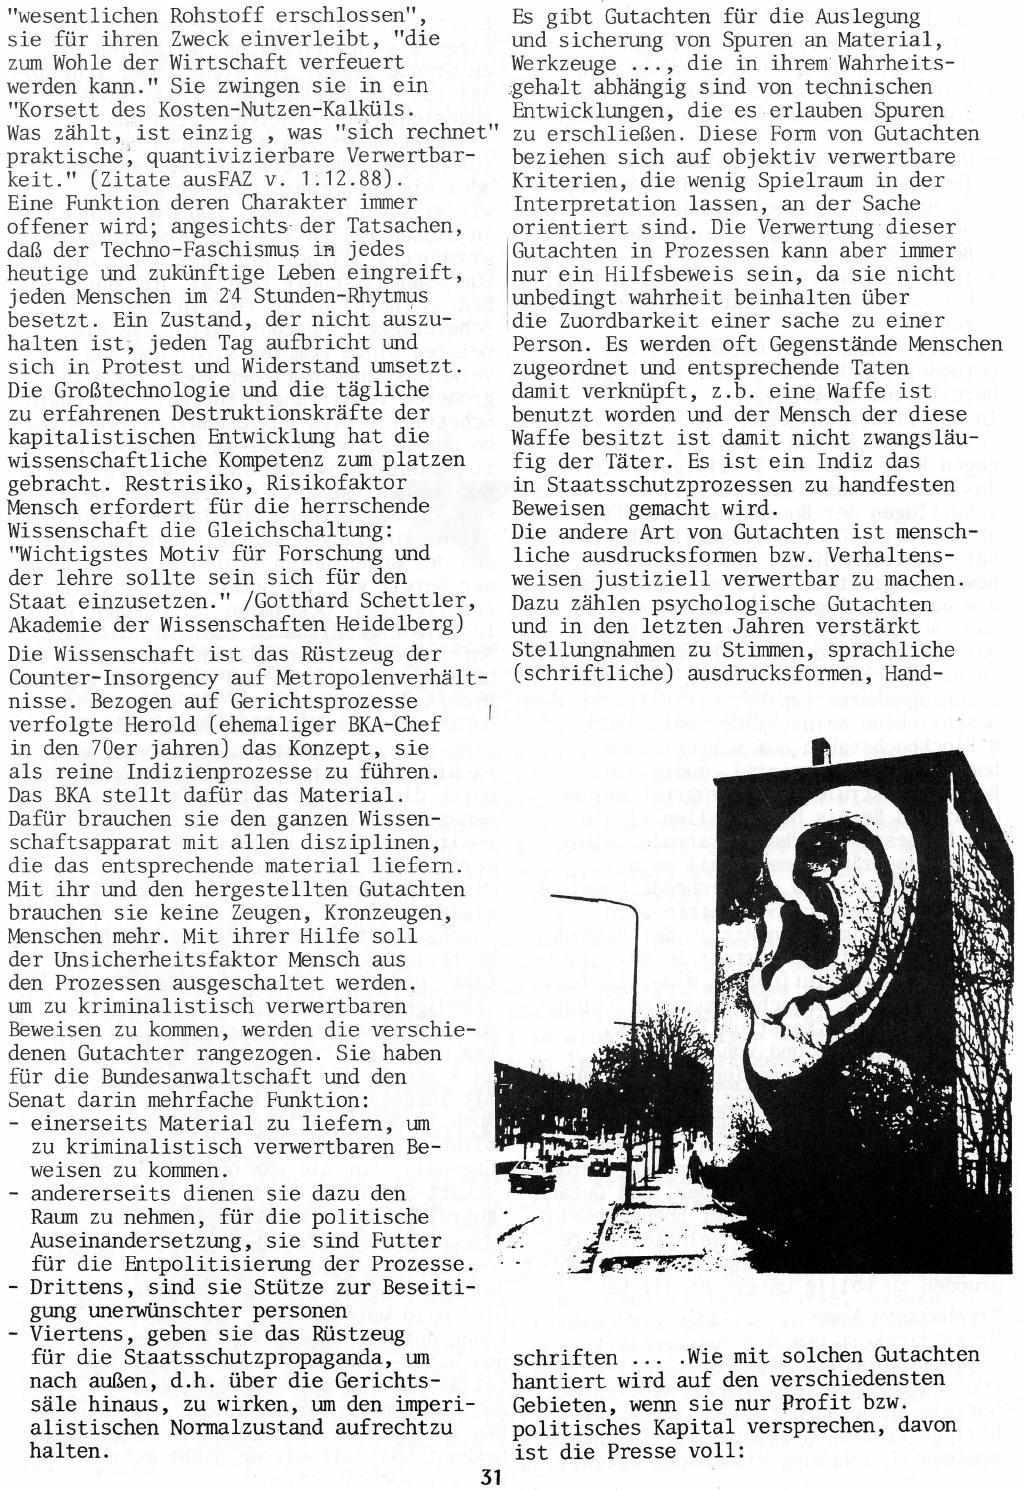 Duesseldorf_1989_Sechs_Politische_Gefangene_031